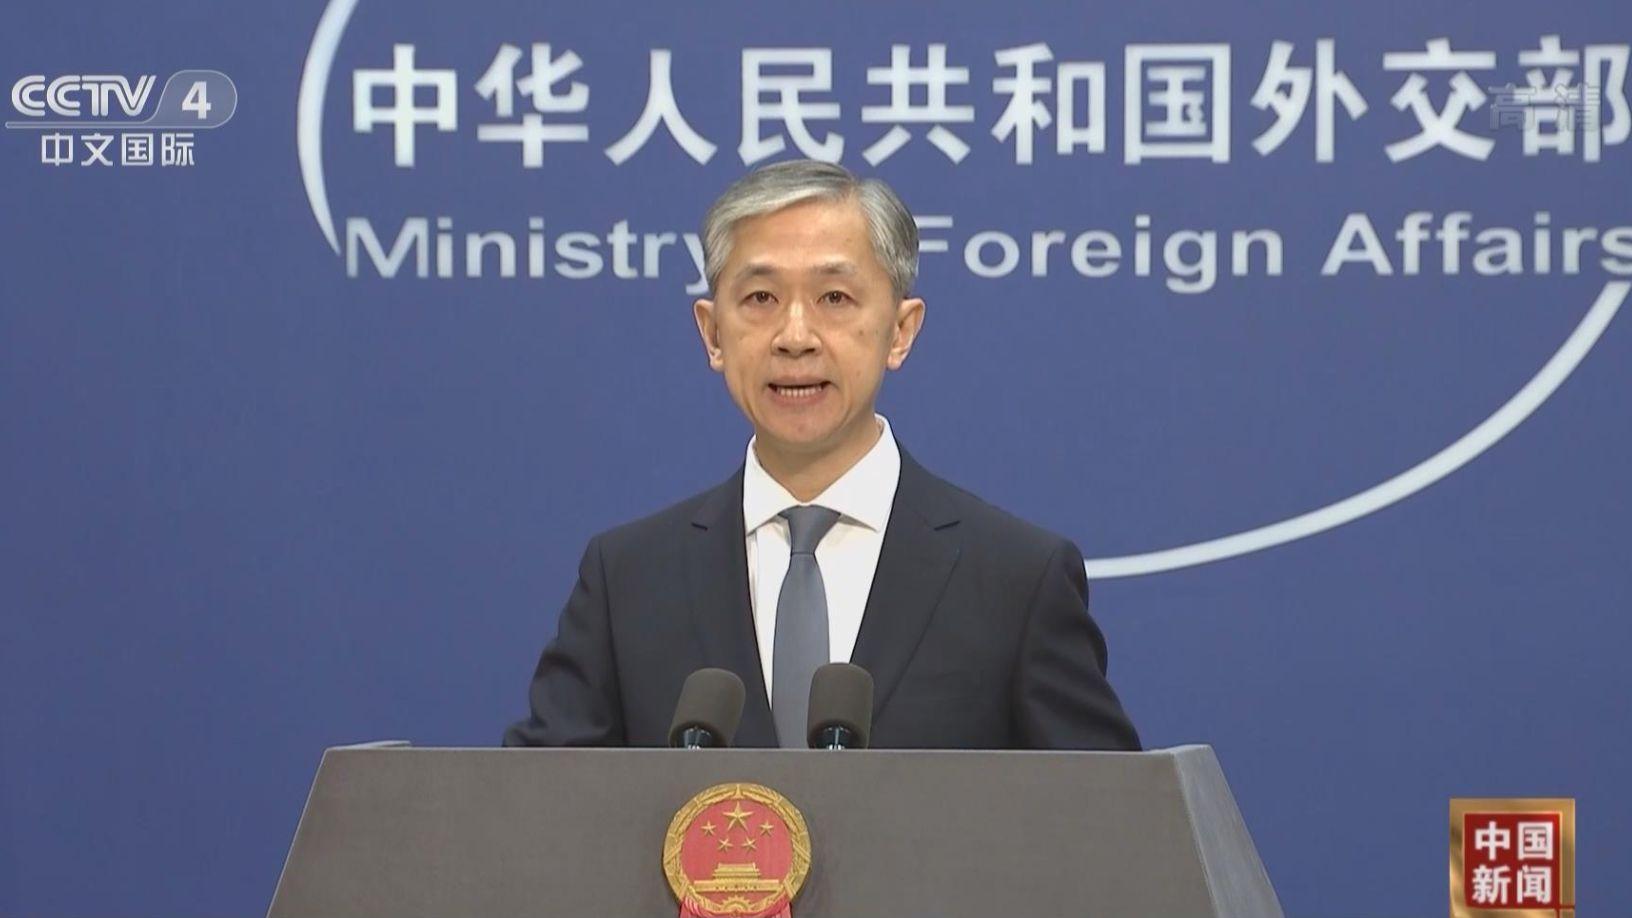 中國外交部敦促美方停止危險挑釁 避免海空意外